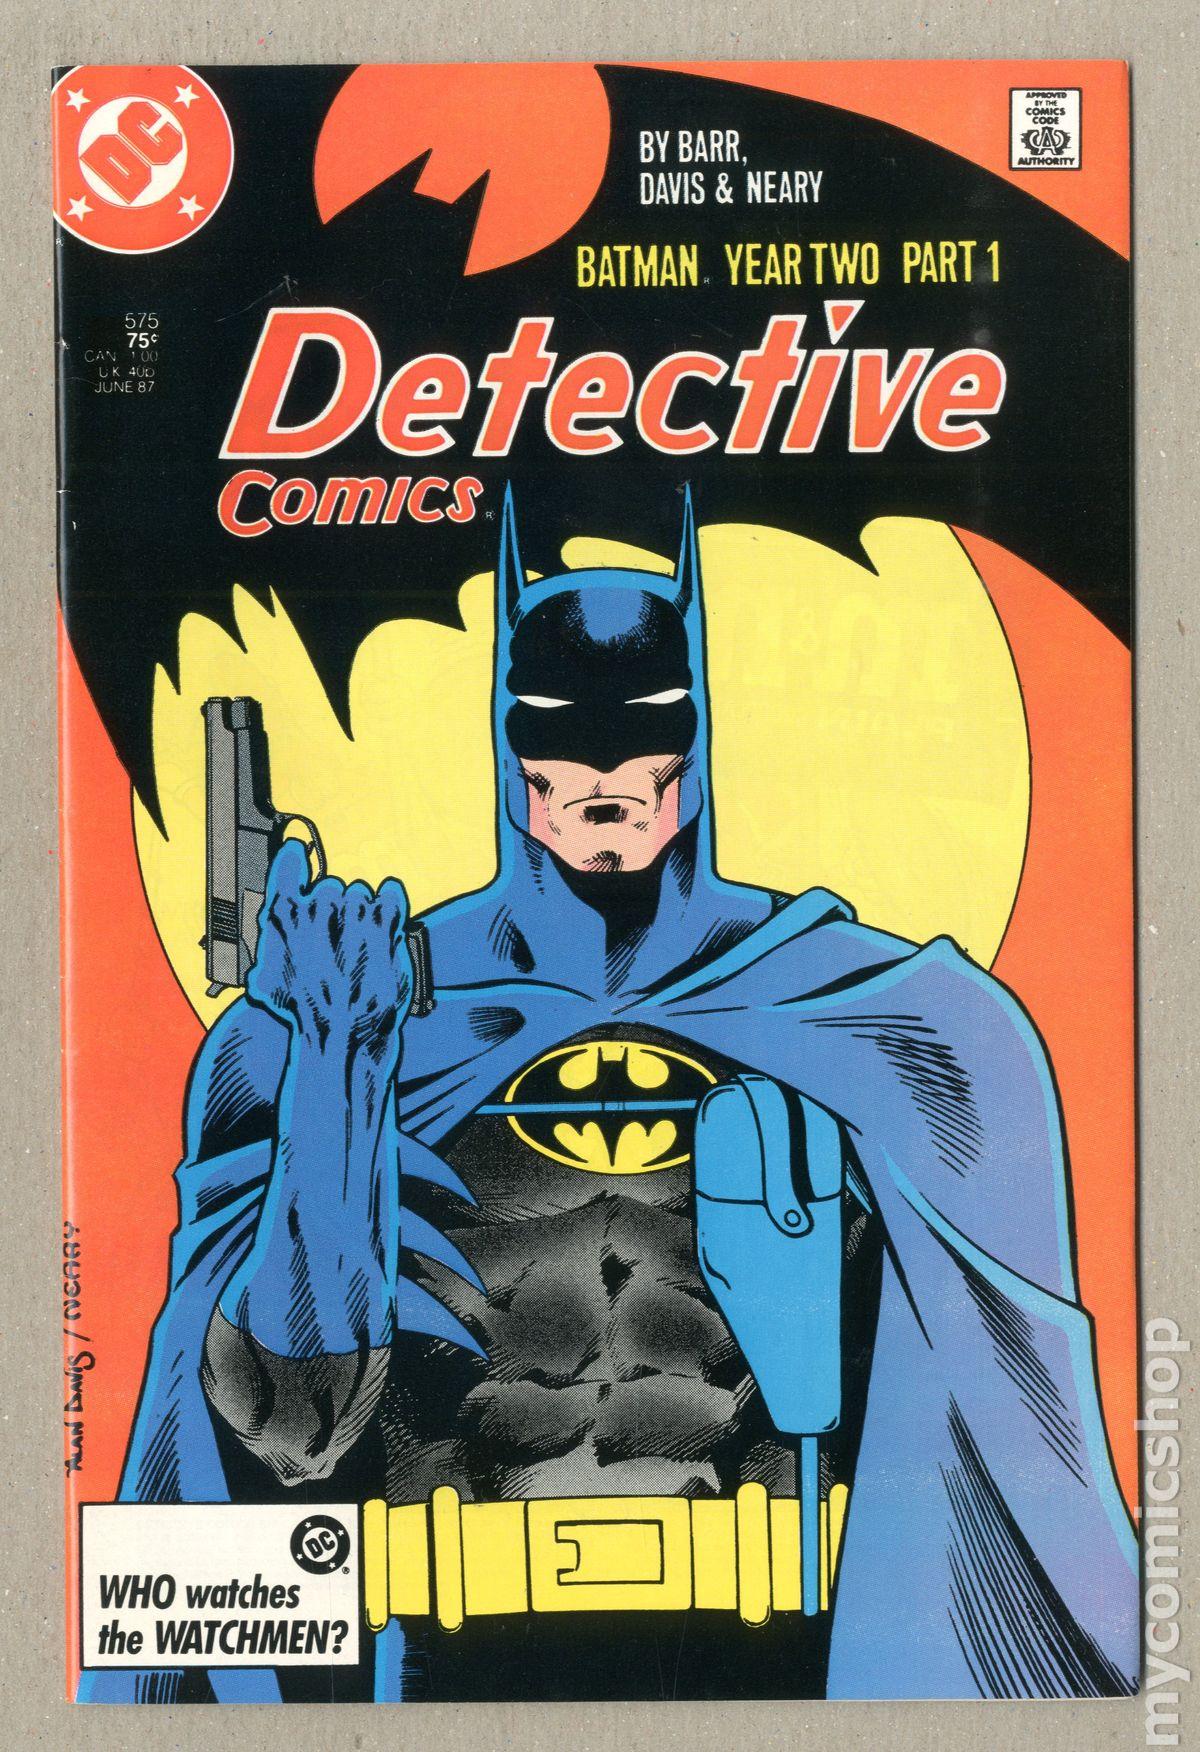 收藏品 漫画 铜器年代(1984-1991) superhero 蝙蝠侠  if you want t